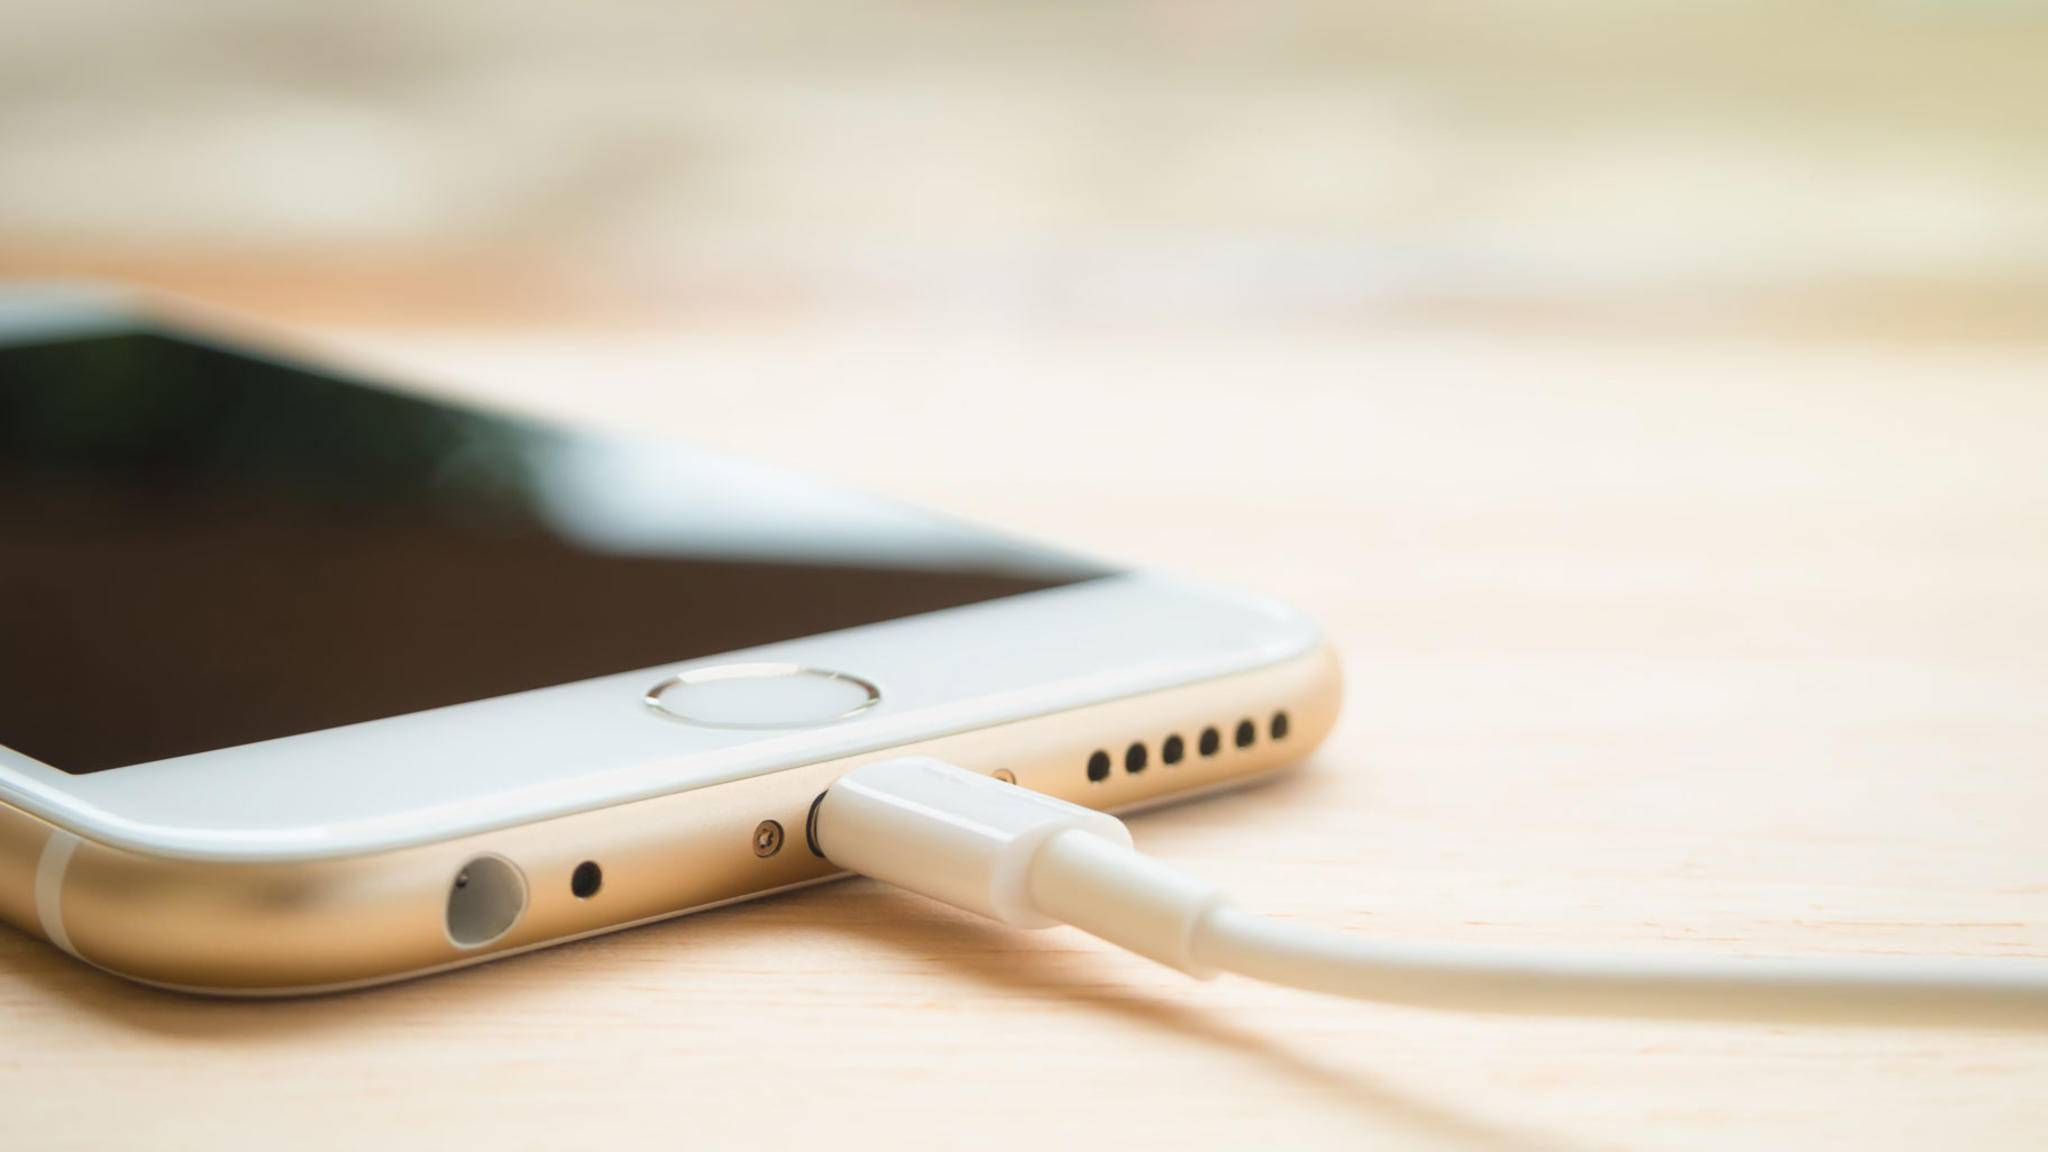 Wird Apple auch das Lightning-Kabel wasserdicht machen?